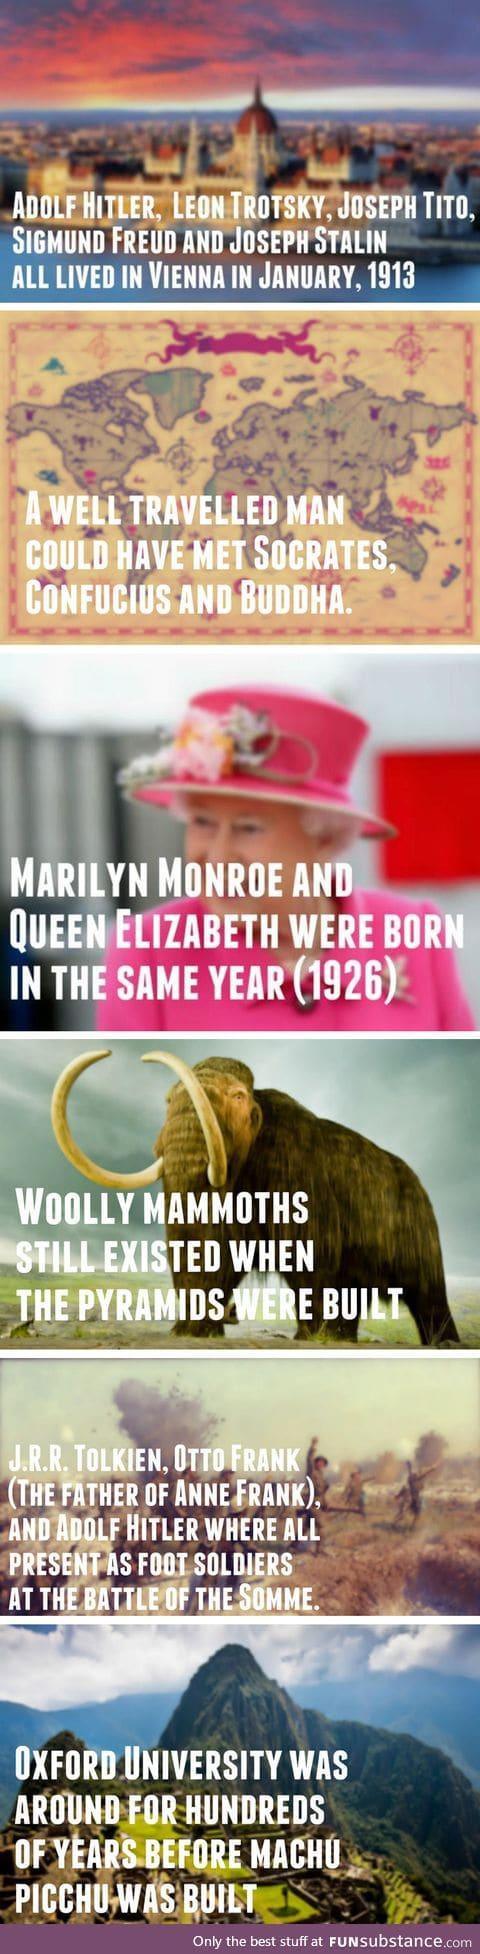 Crazy historical comparisons